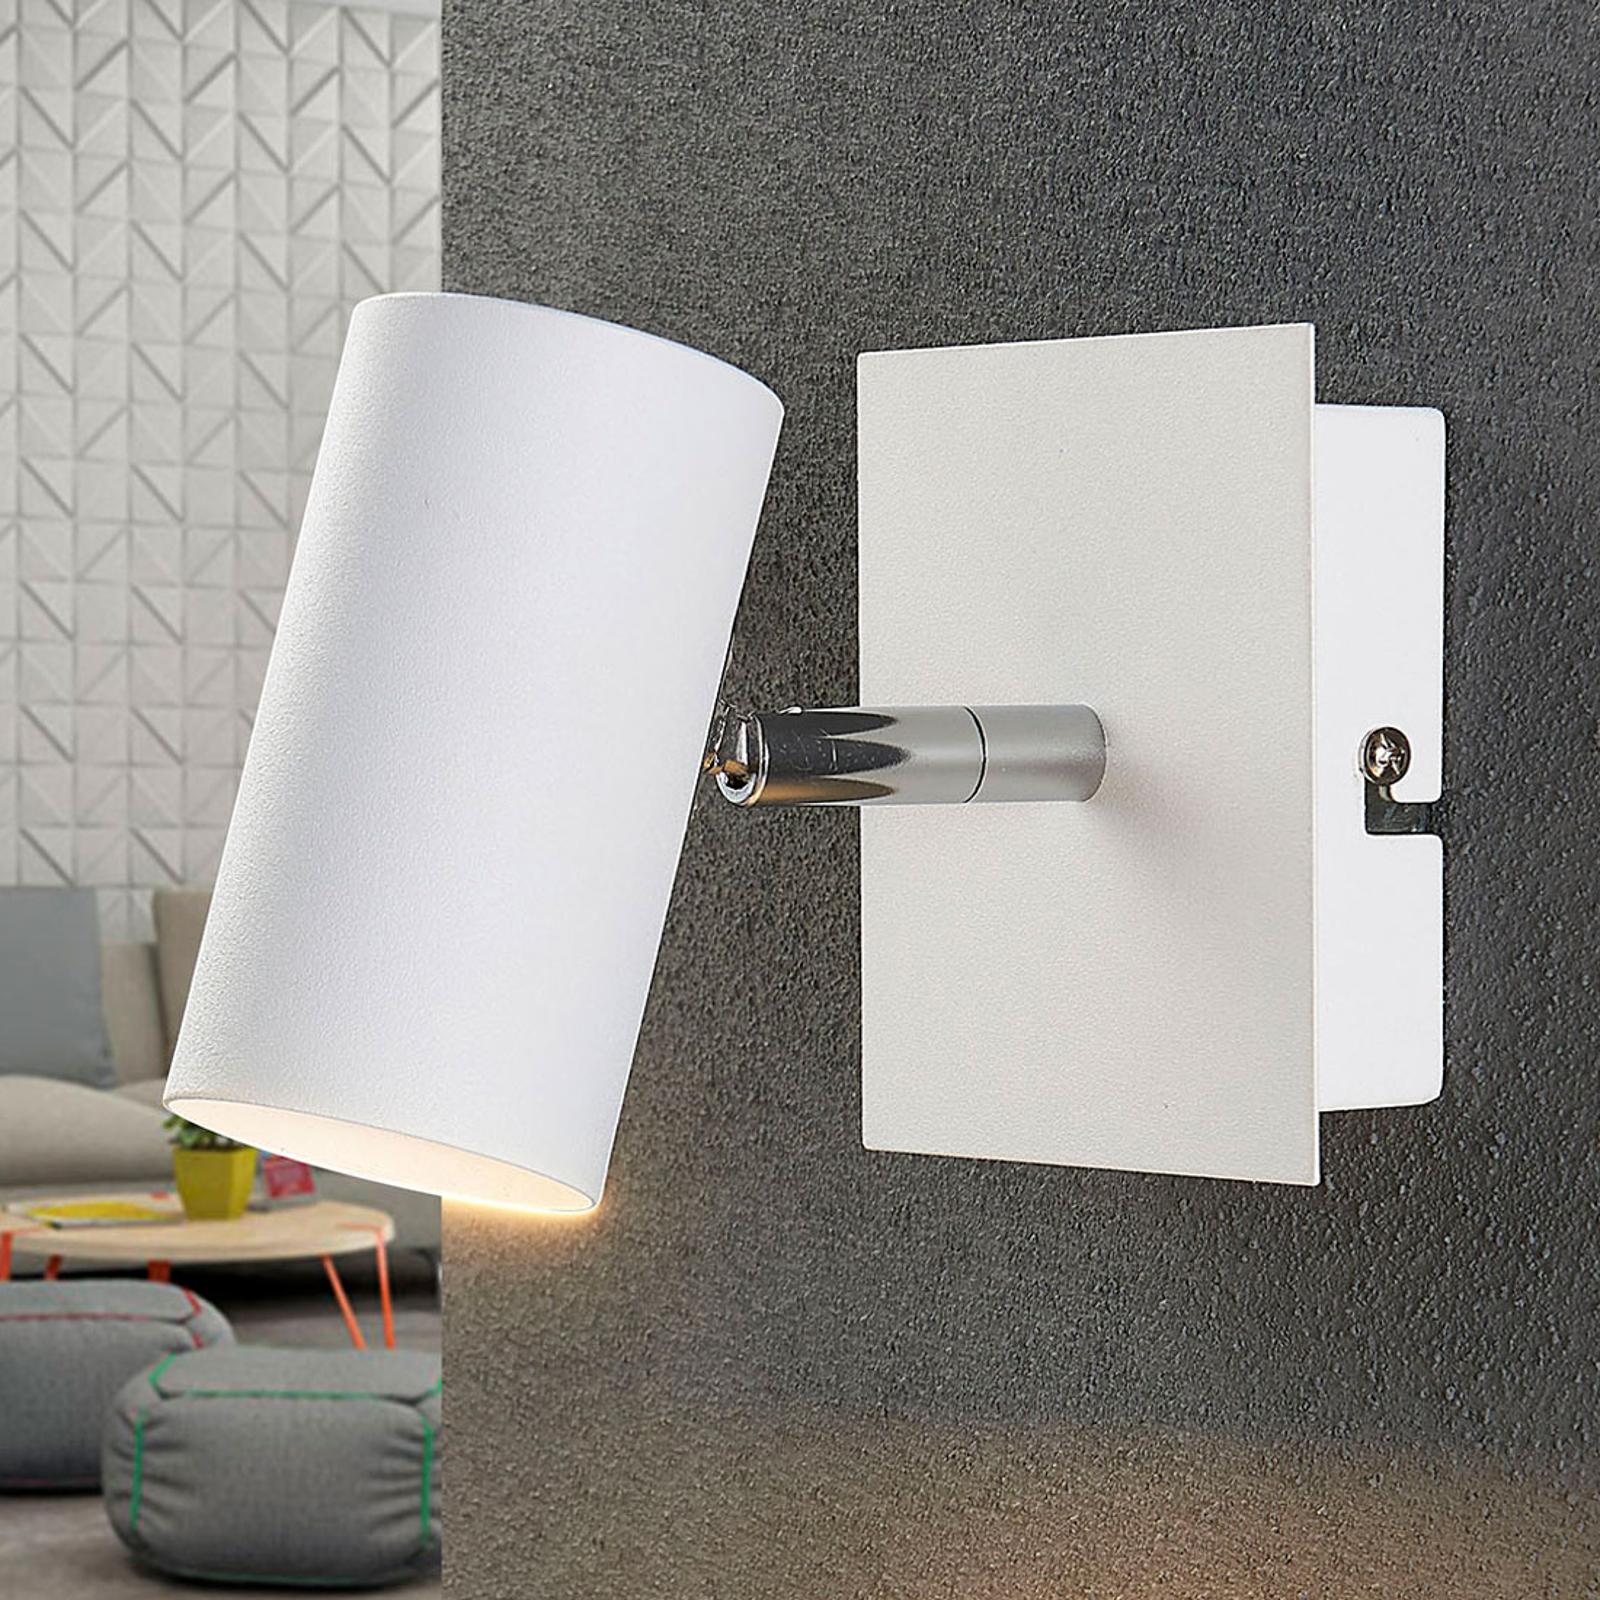 Vit LED-spot Iluk för vägg och tak